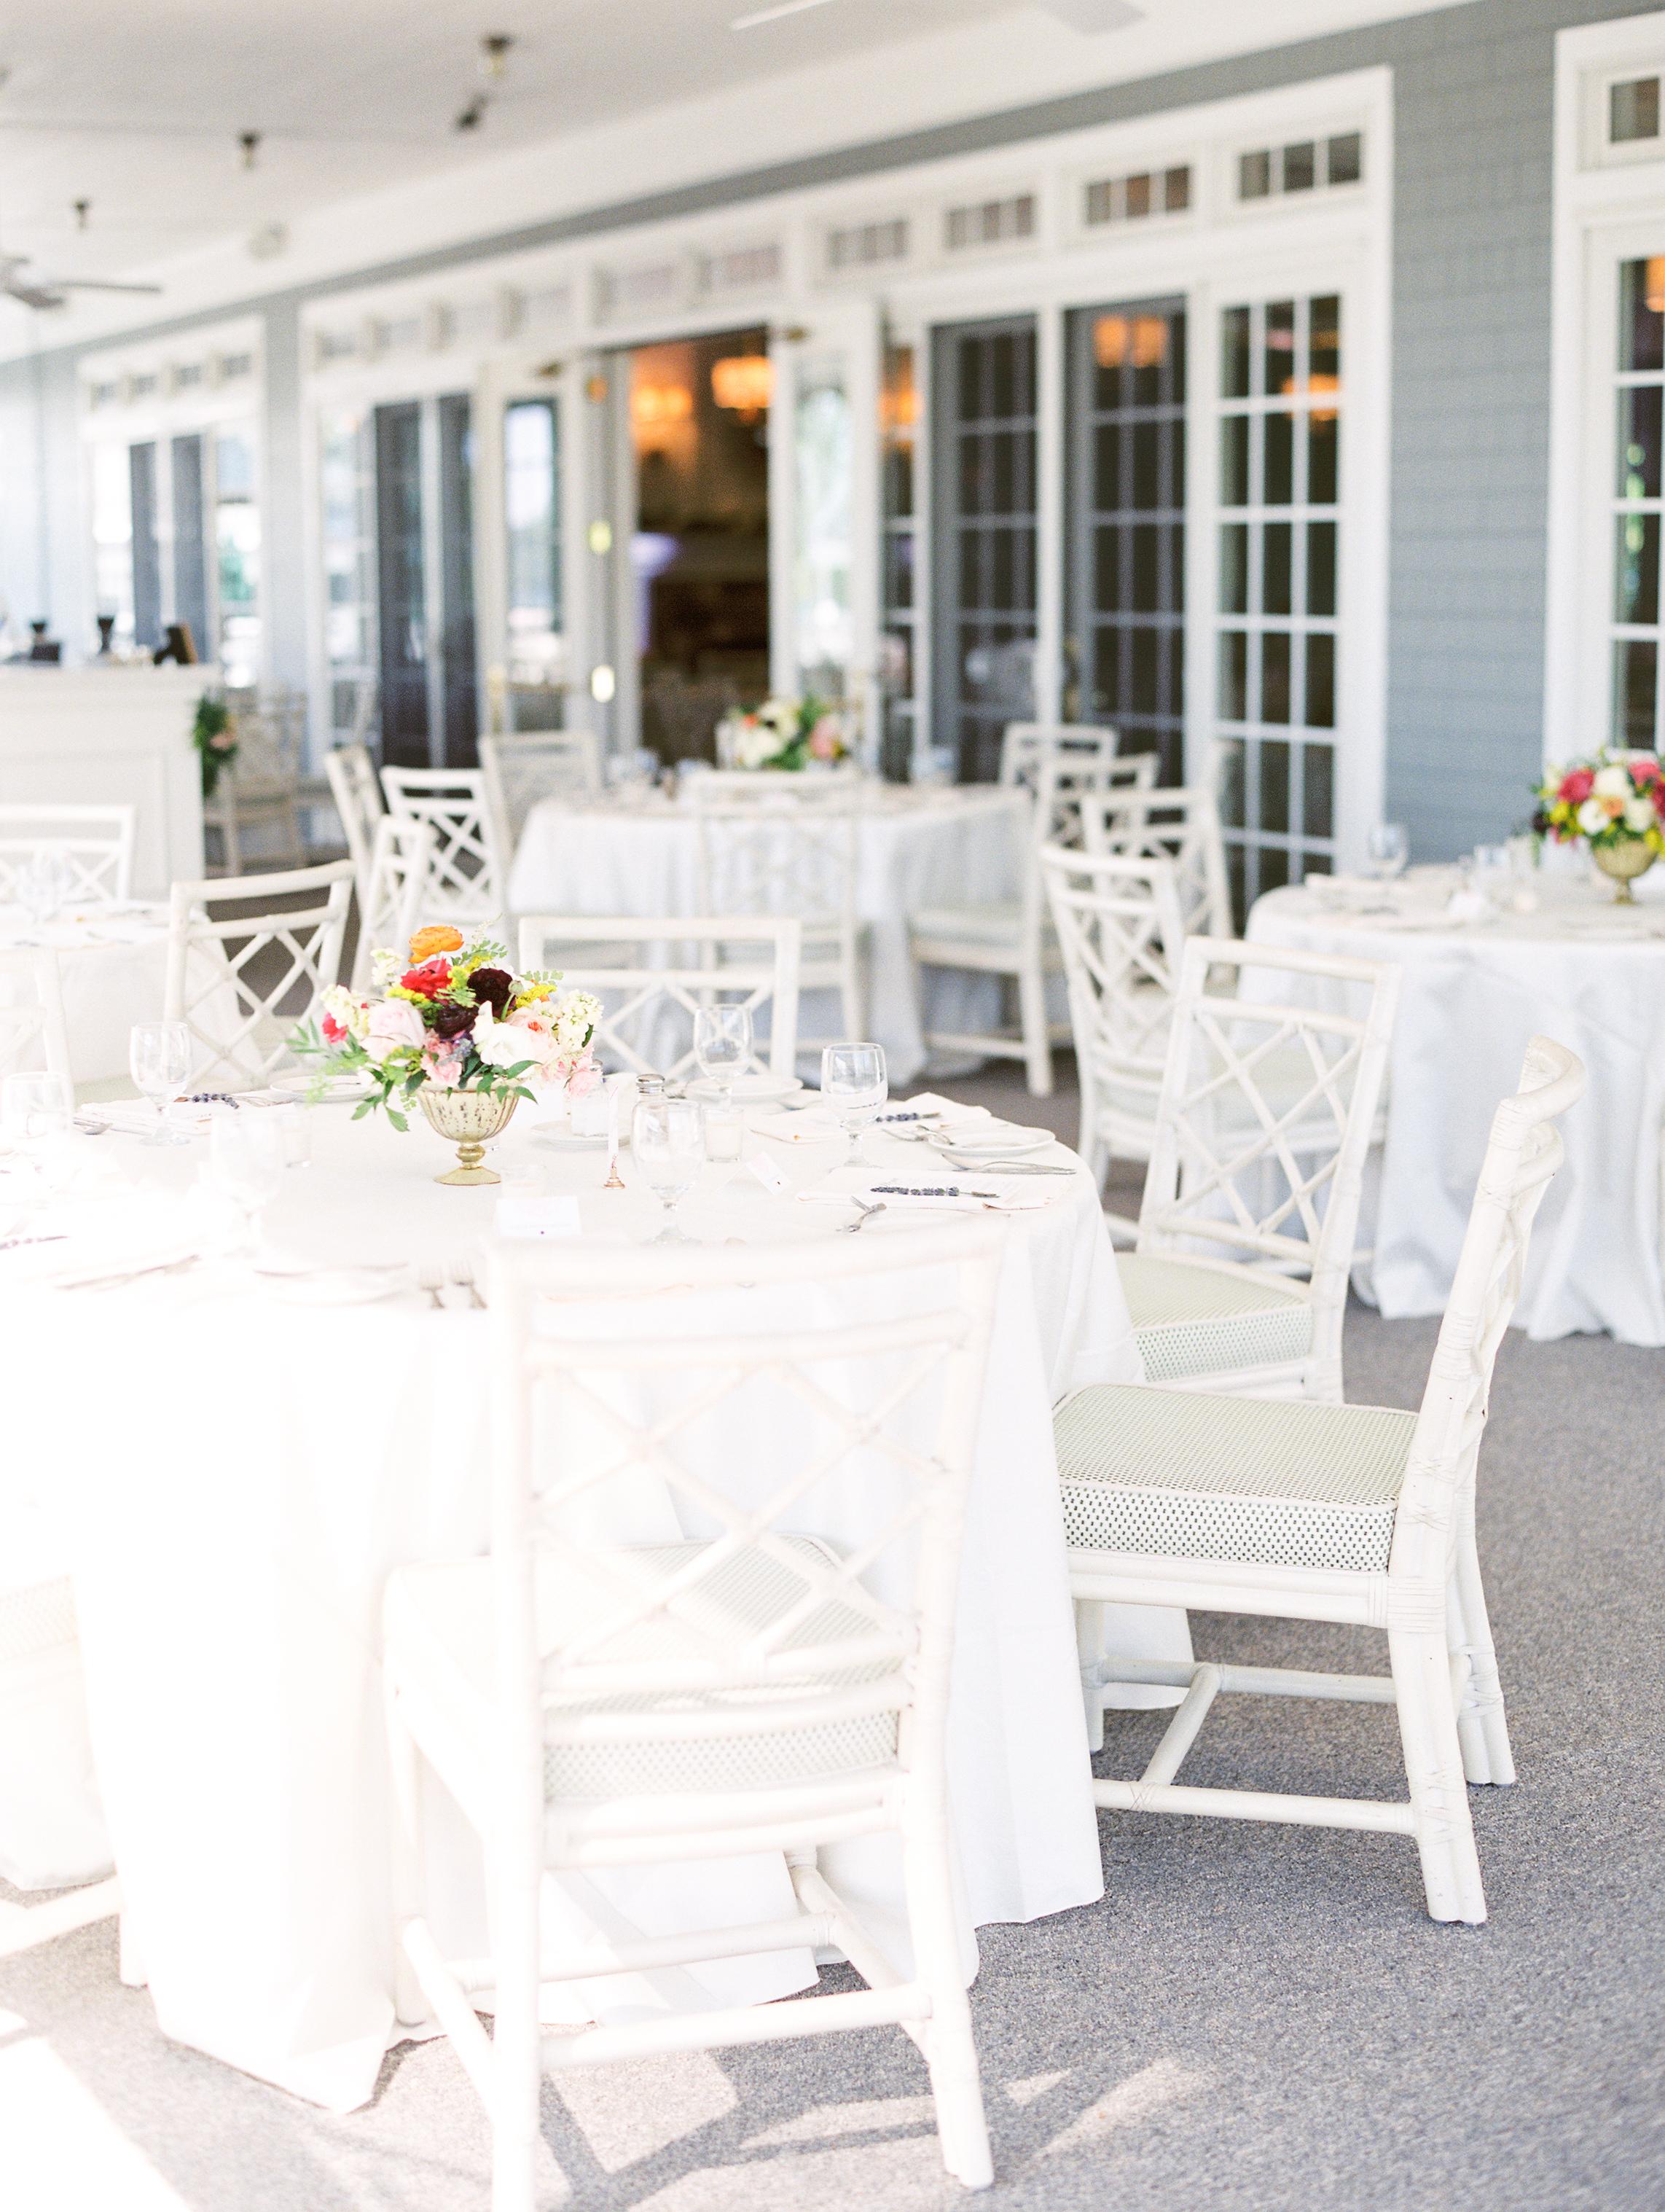 Govathoti+Wedding+Reception+Details-57.jpg